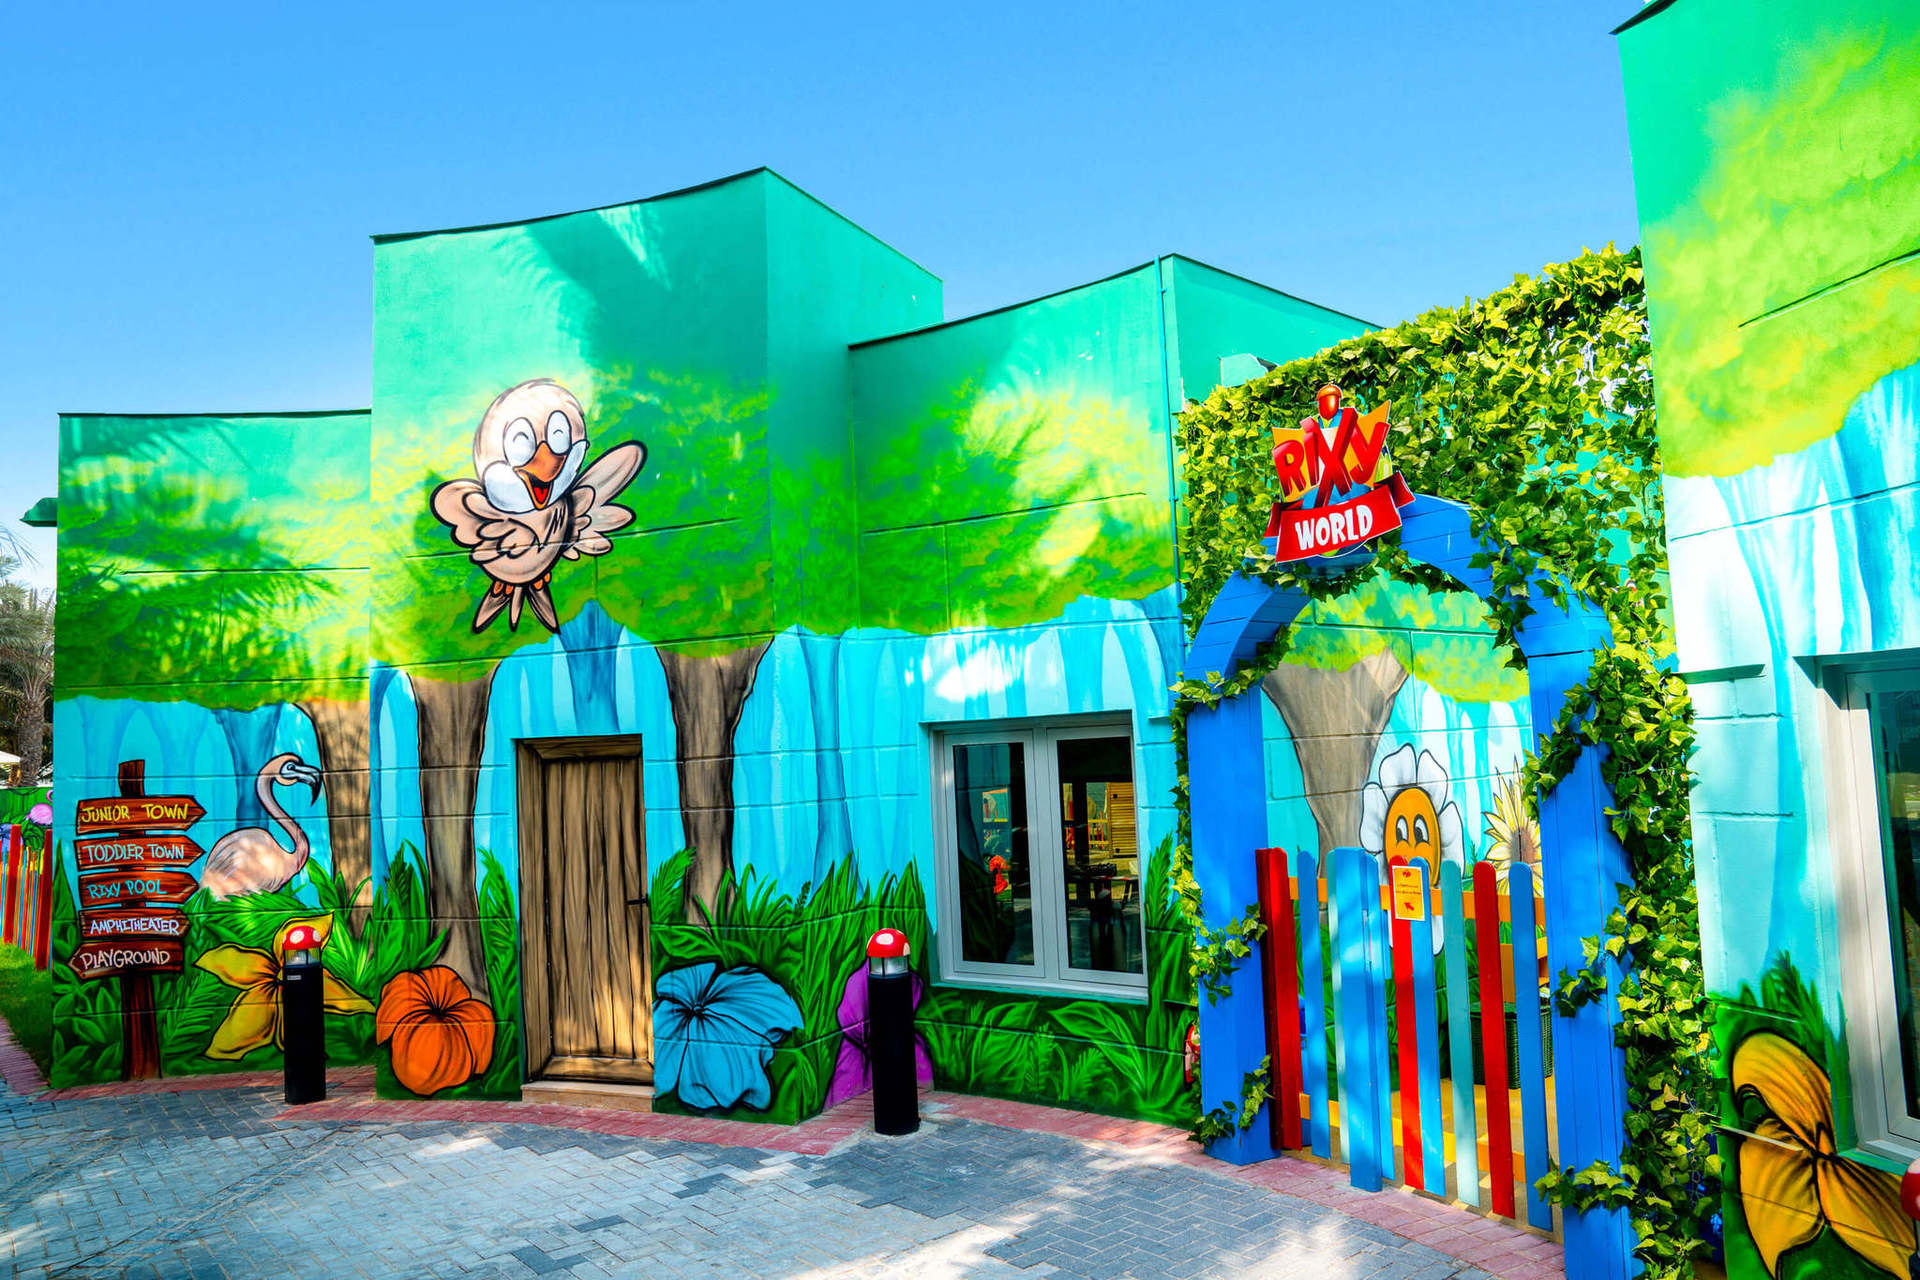 На курорті протягом усього року  щоденно проводяться різноманітні денні та нічні розваги, а спеціальні вечори, такі як  Латинська ніч в ресторані Toro Loco Steakhouse або Новоорлеанський джаз в лаунжі Chill, нададуть нових відтінків вашому відпочинку.